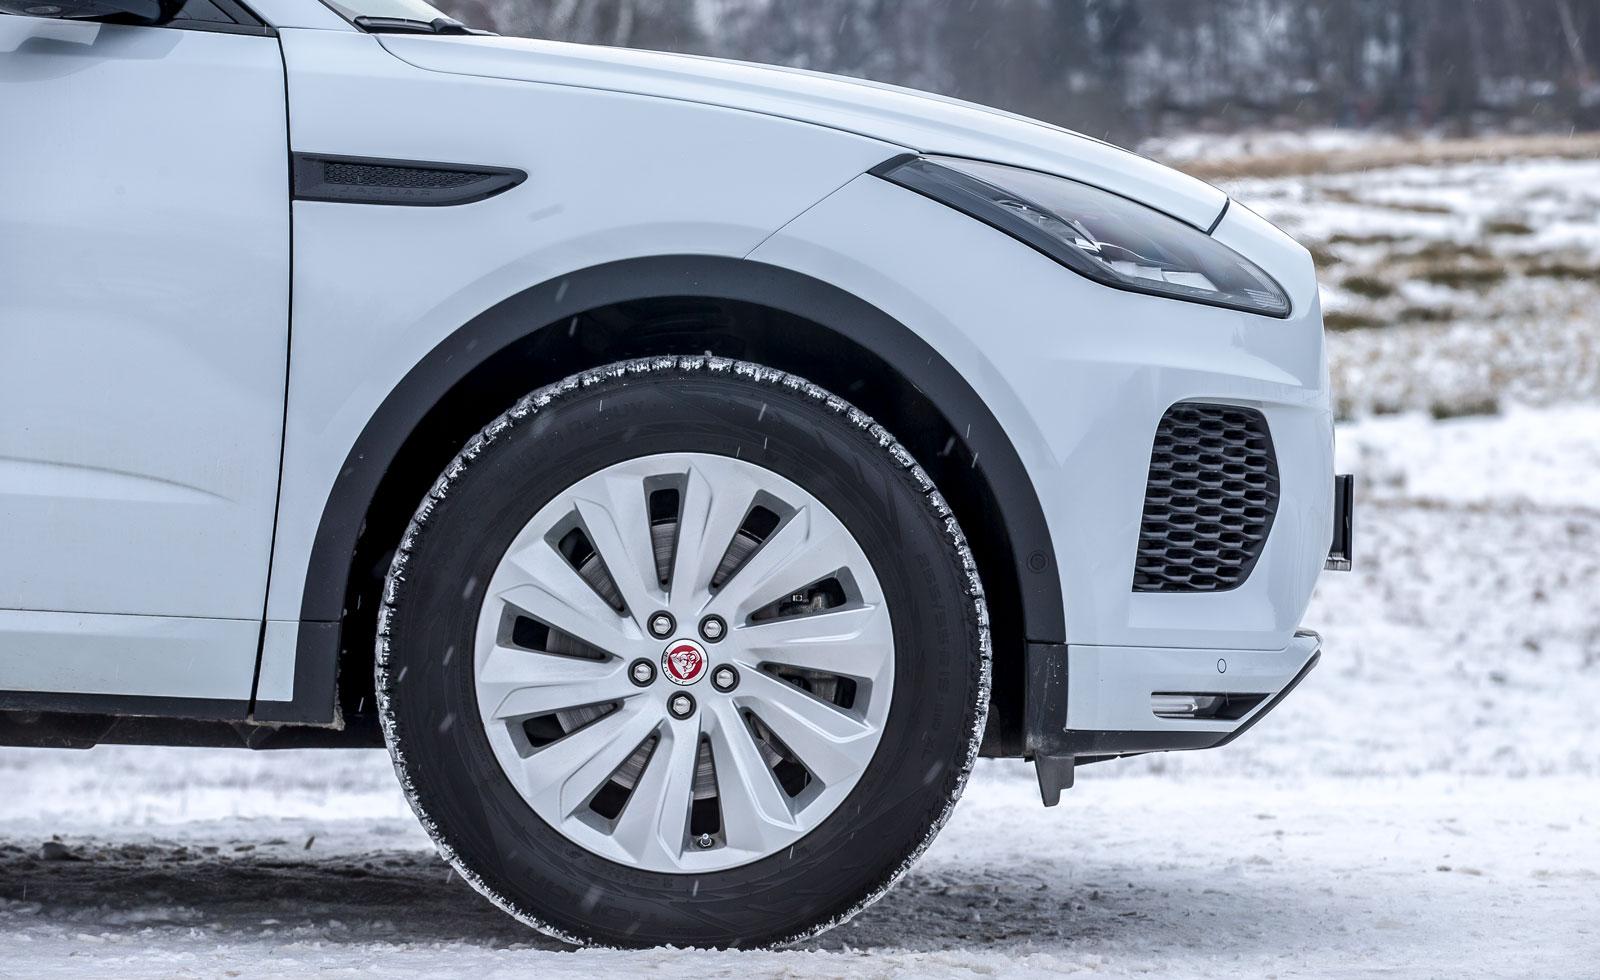 Jaguars kaross är renare från plastdetaljer och har dörrar som går ned över trösklarna – bra för byxbenen! Däckdimensionen är 255/55 R 19.